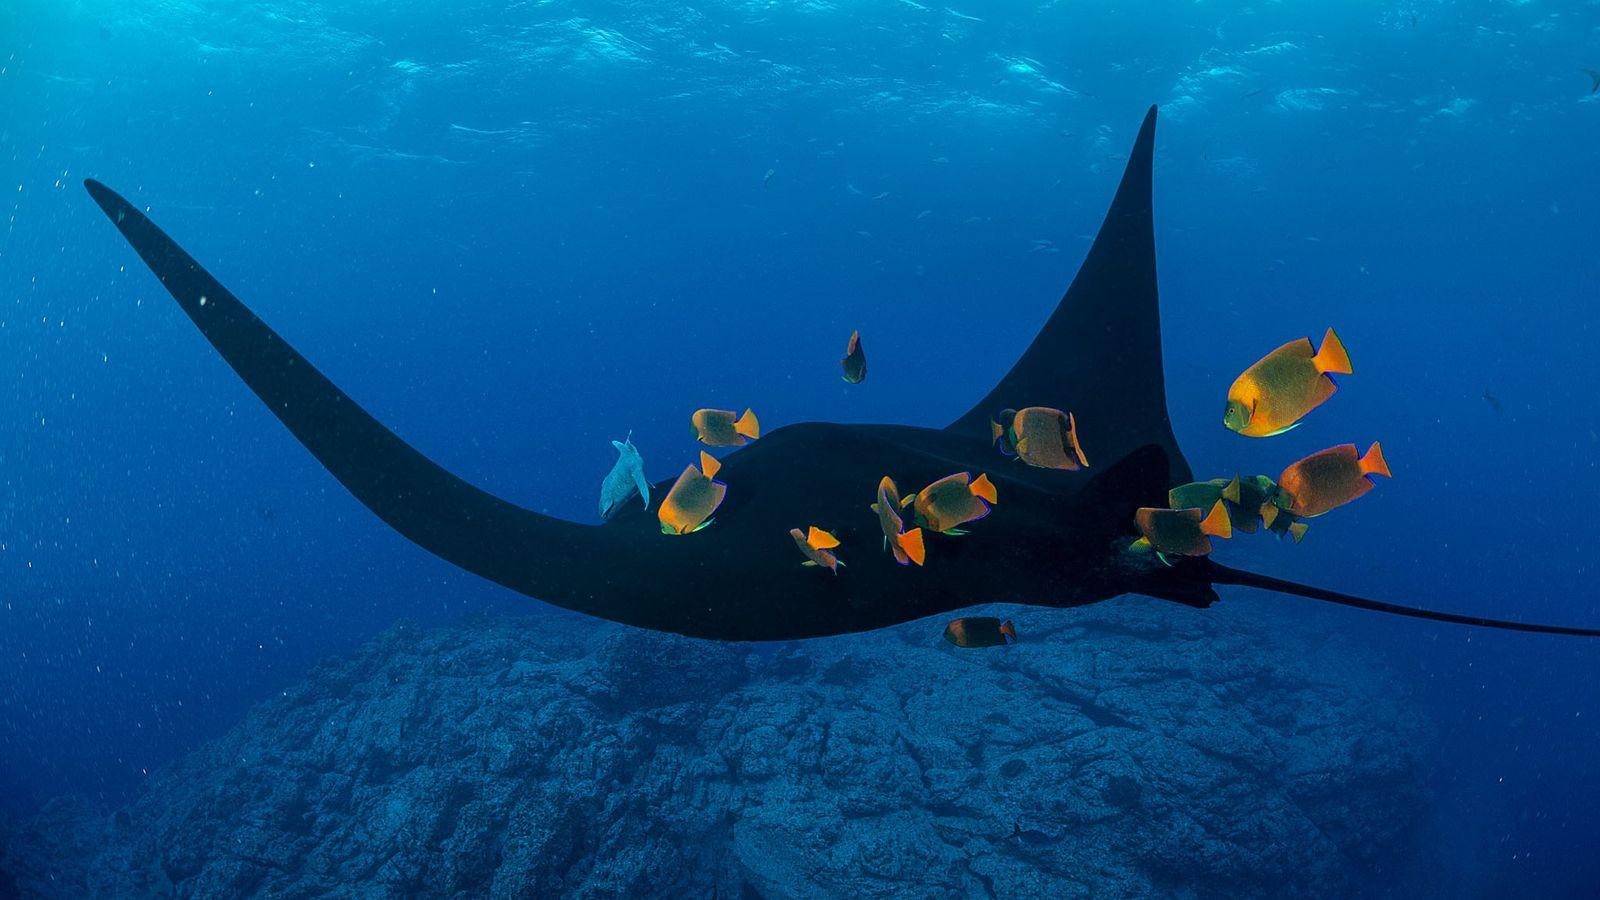 os animais têm papel importante no turismo em lugares como a Reserva da Biosfera Archipiélago de ...